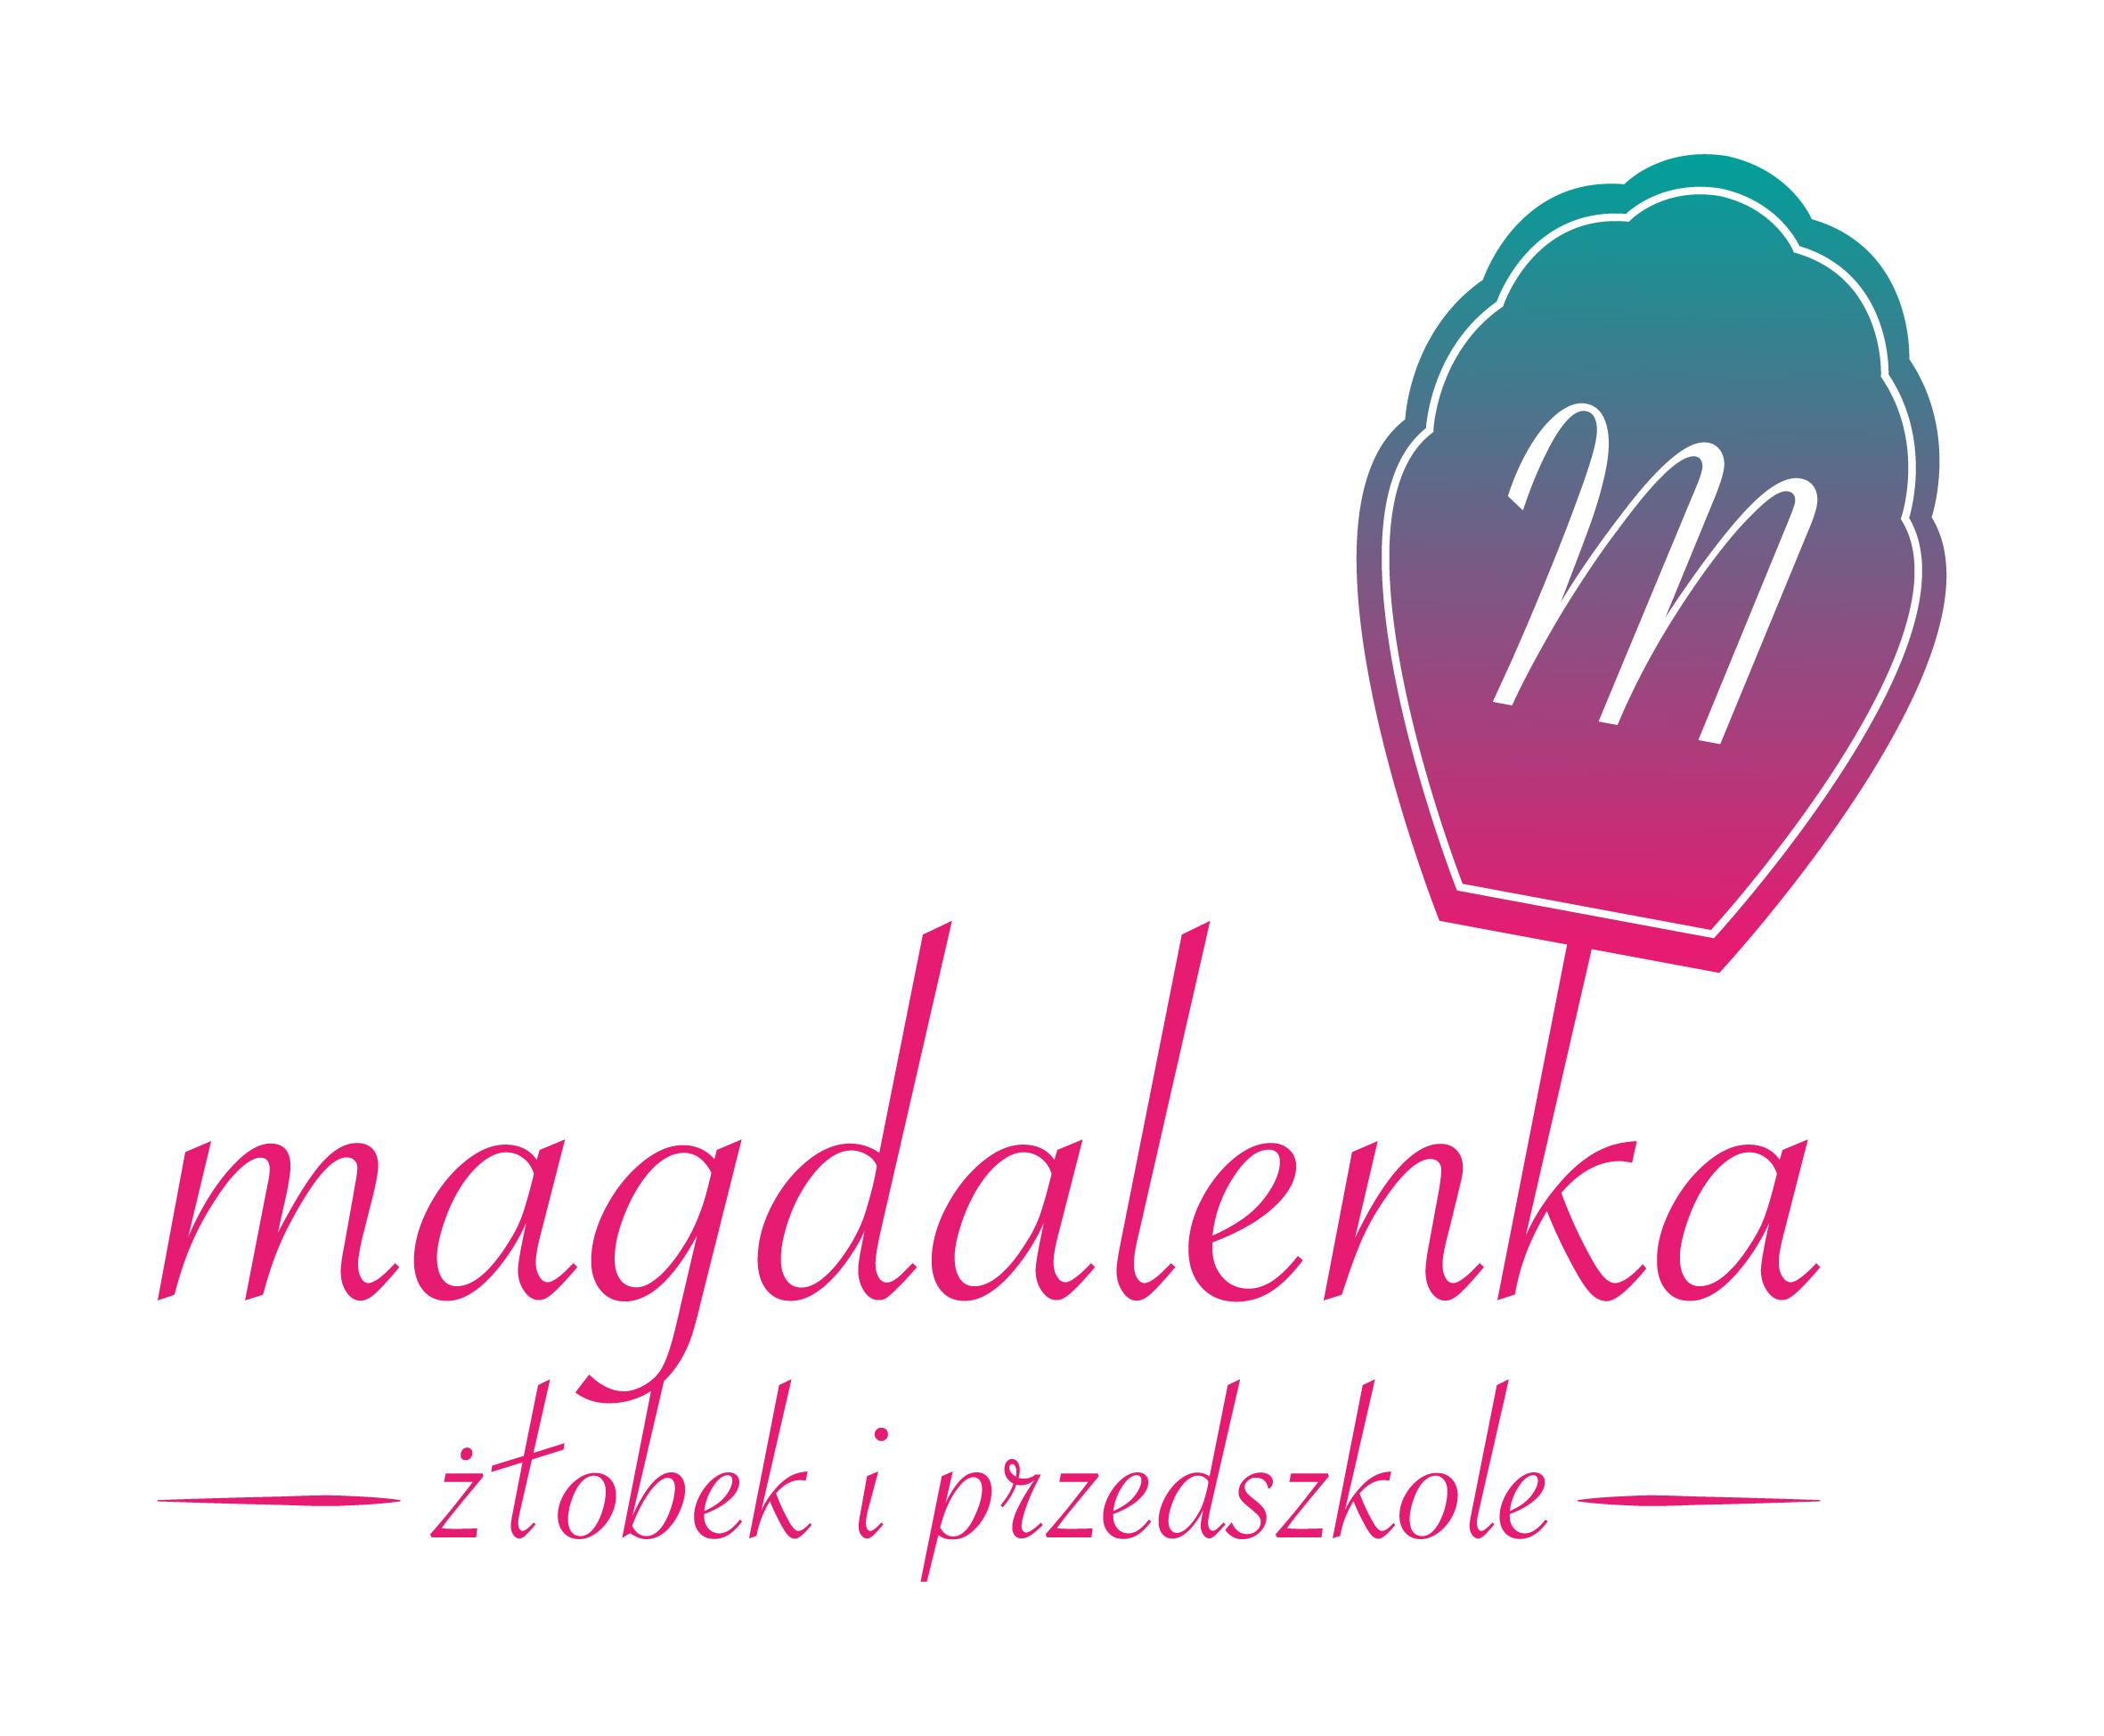 Przedszkole Magdalenka